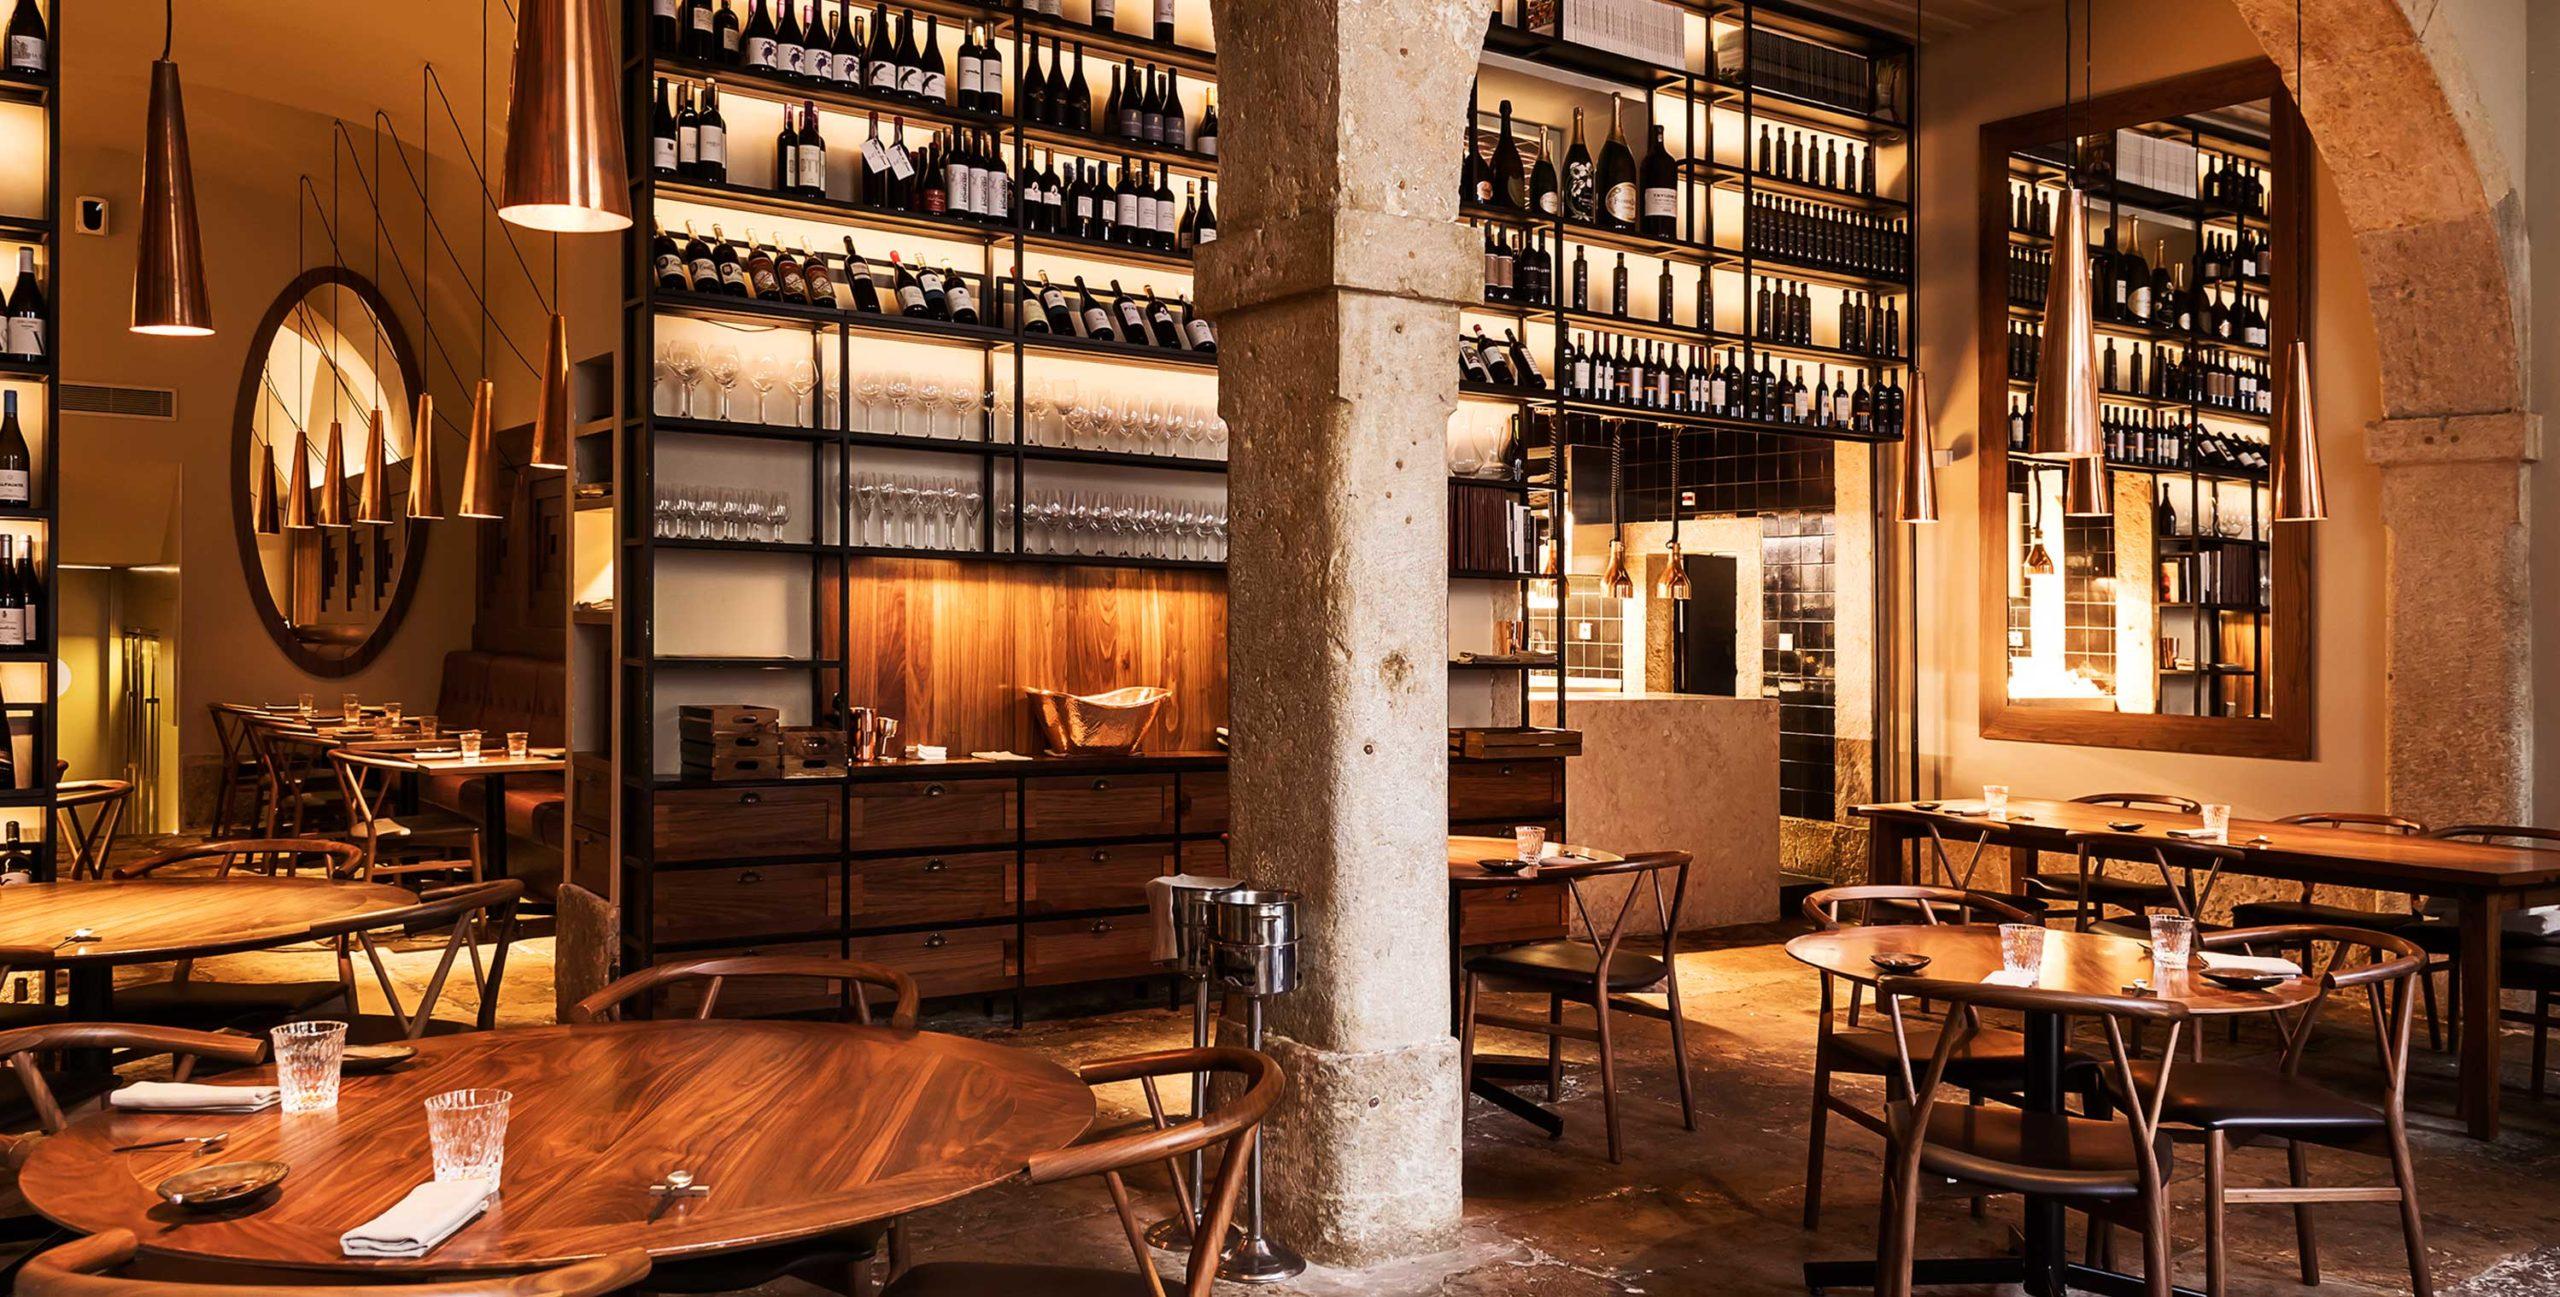 restaurantealmalisboa0-scaled